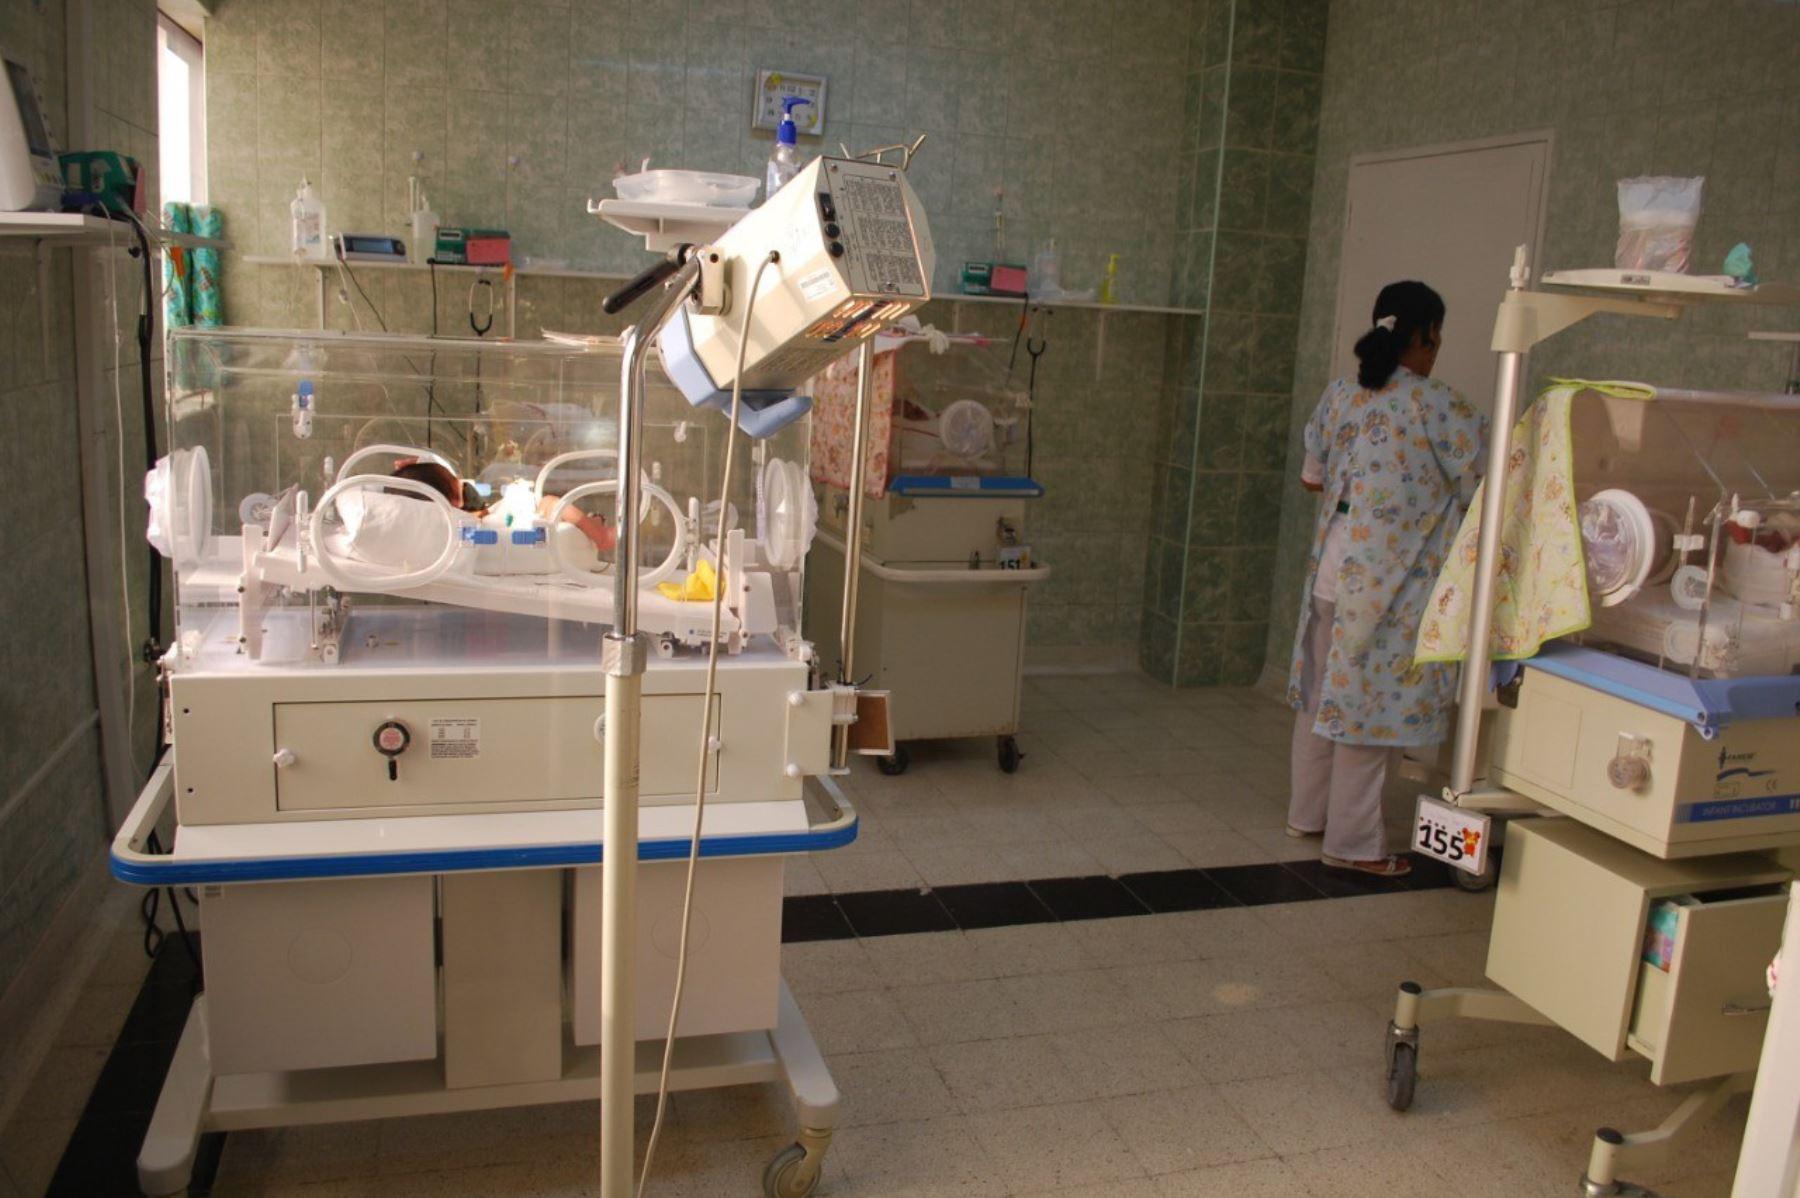 Gobierno Regional de La Libertad invertirá S/ 2.1 millones en áreas de neonatología de dos hospitales de Trujillo. ANDINA/Difusión